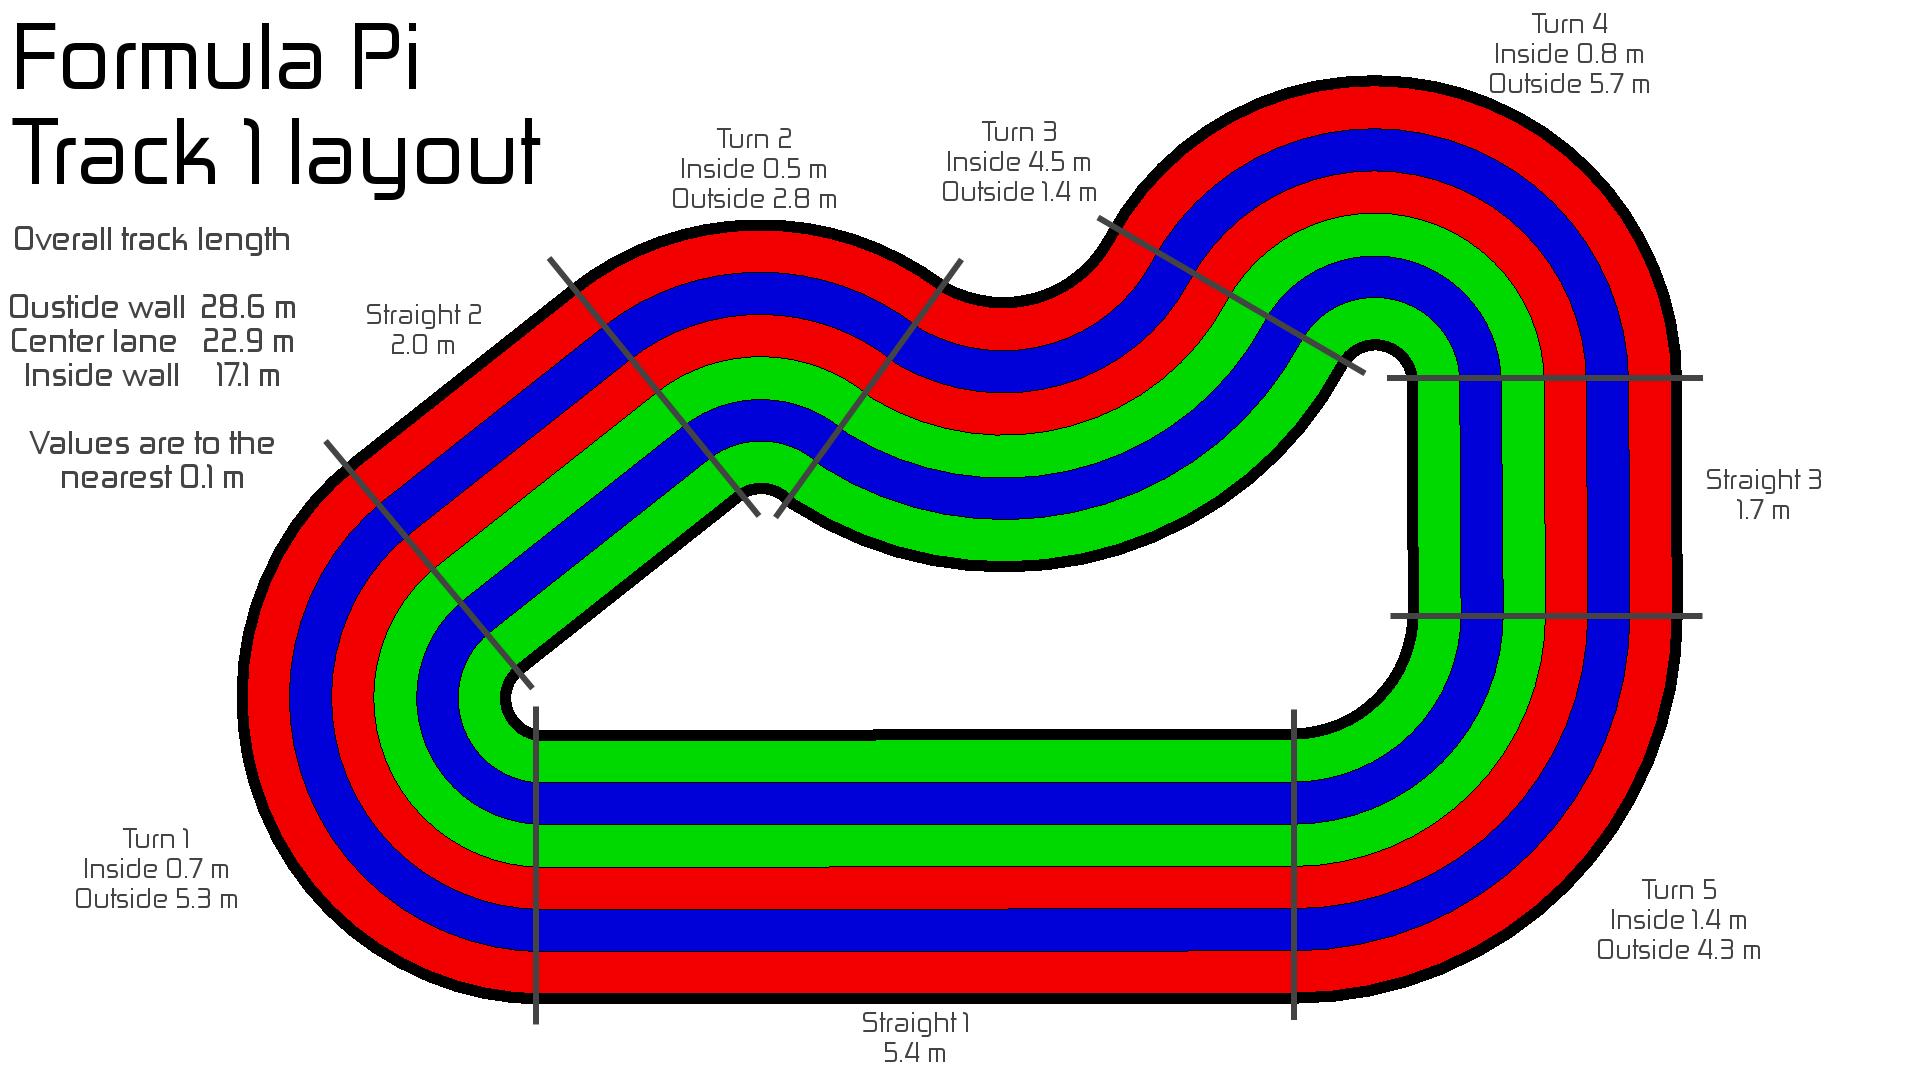 FormulaPi Track Layout